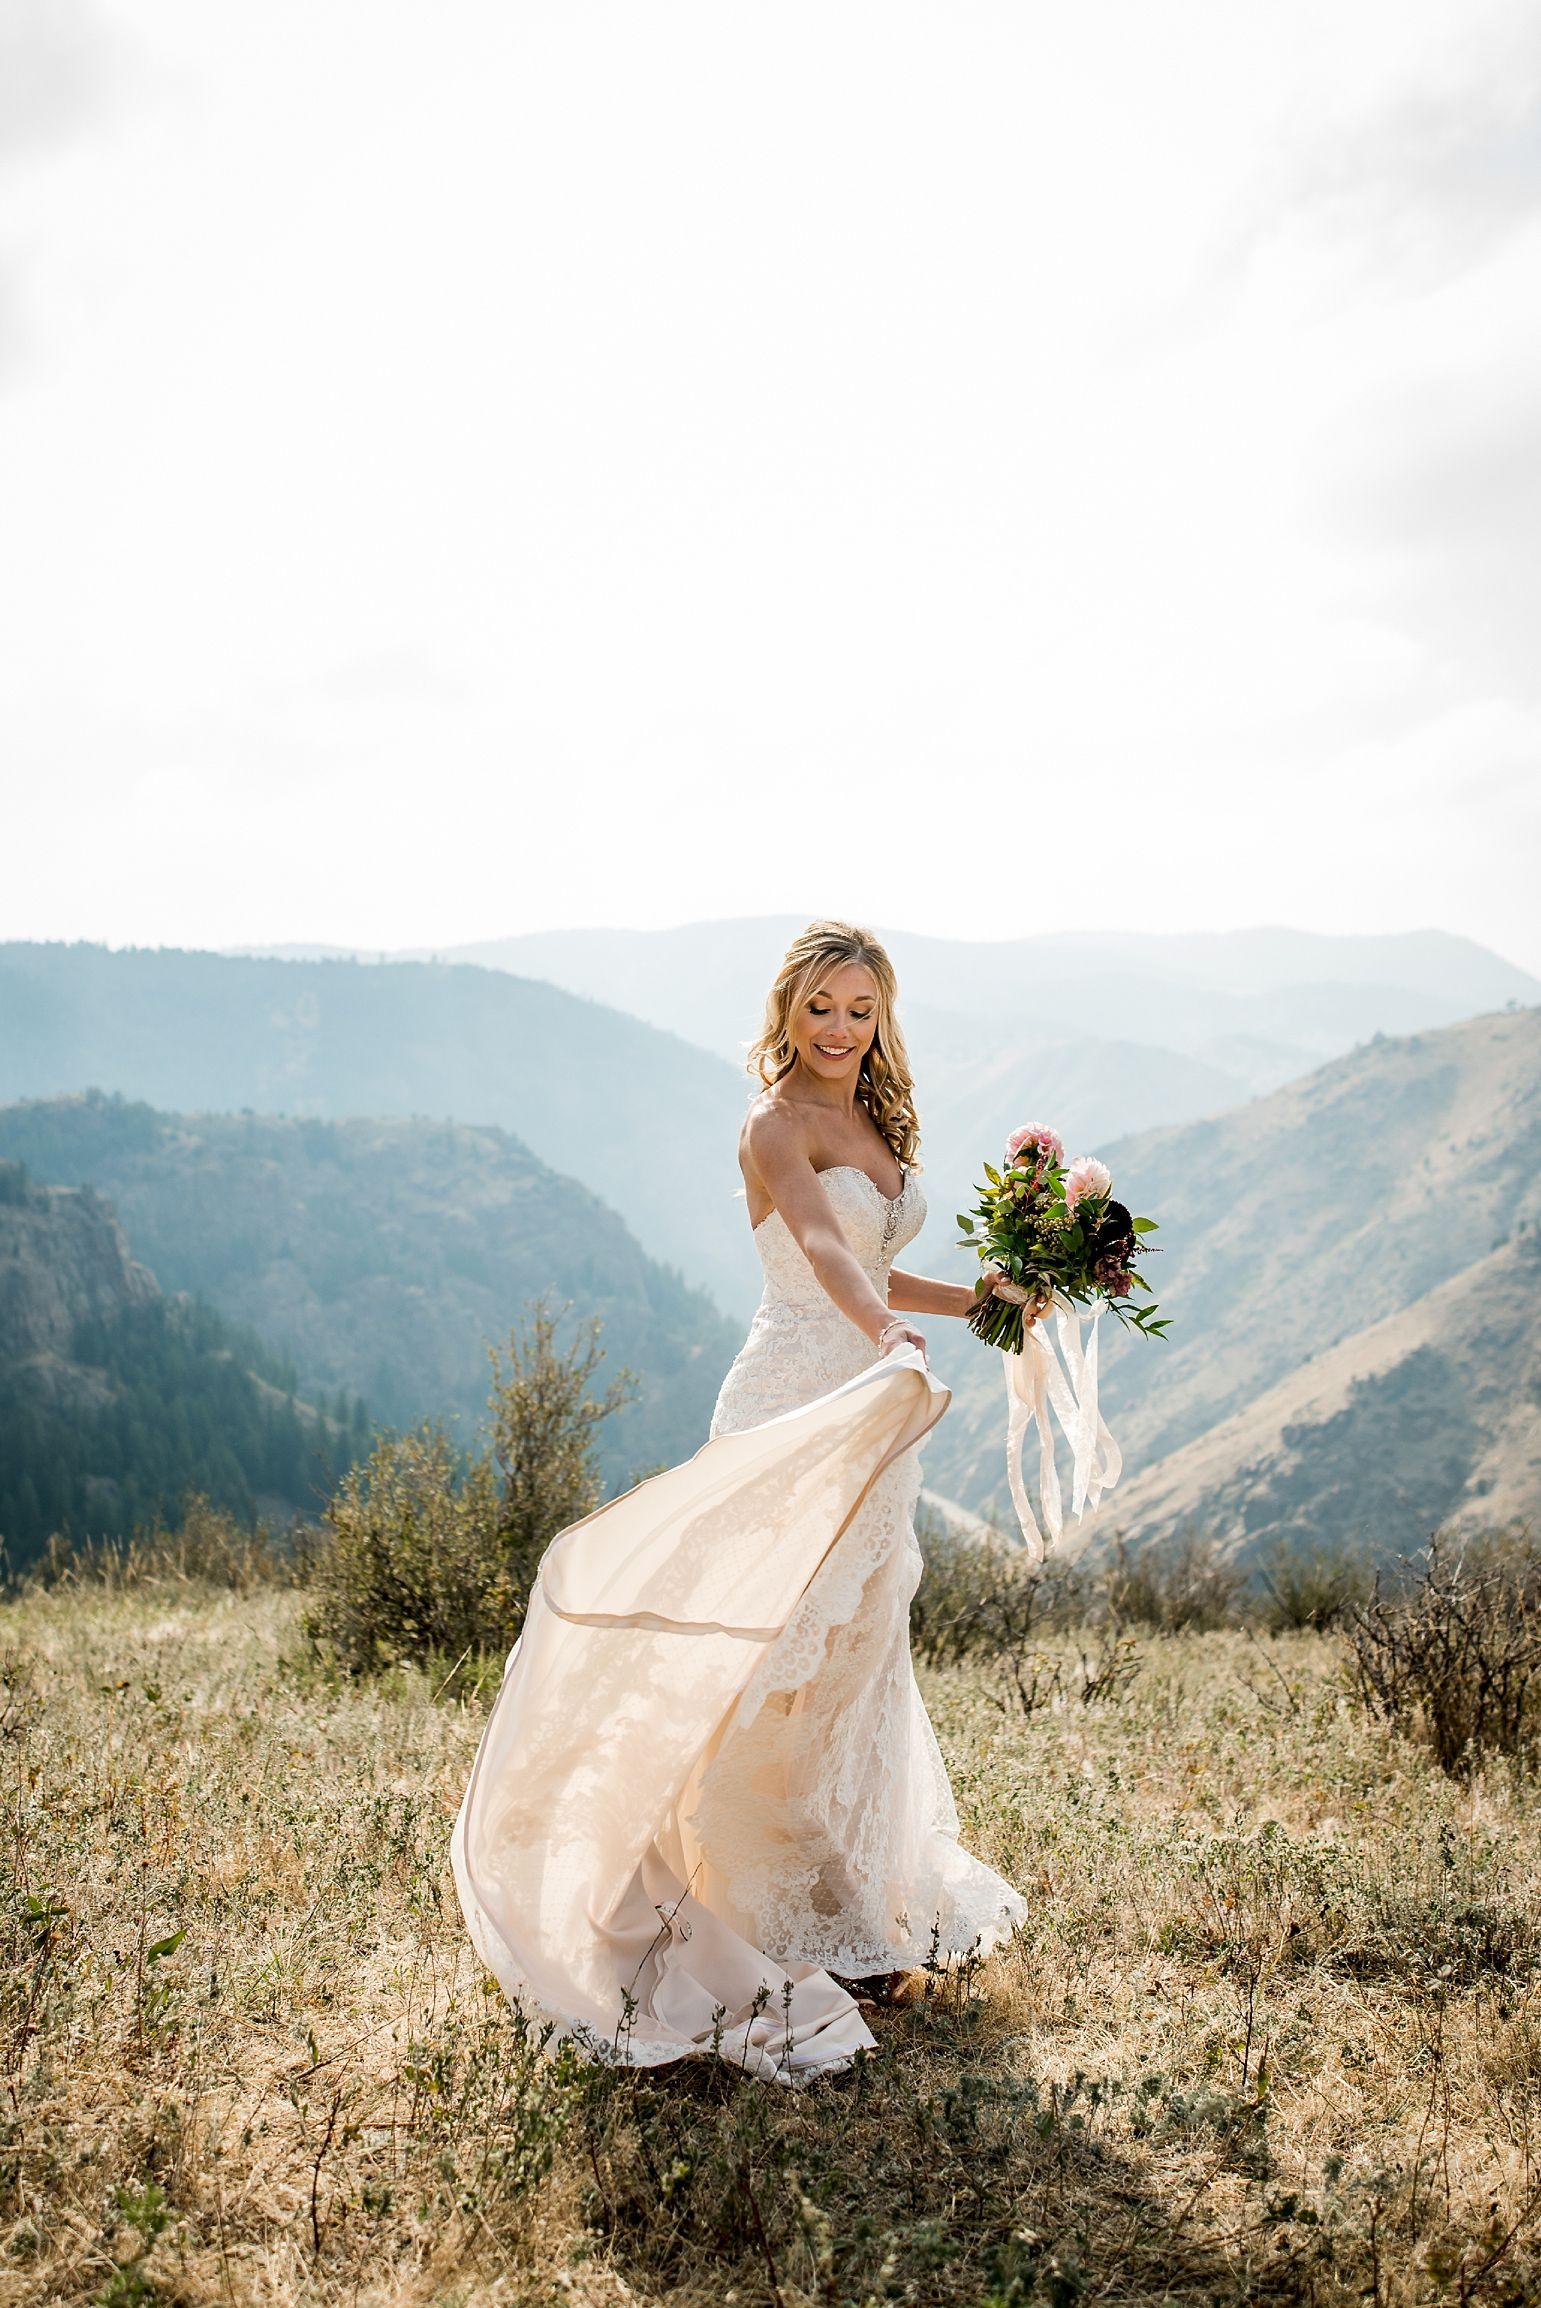 wedding photos at lookout mountain Colorado wedding